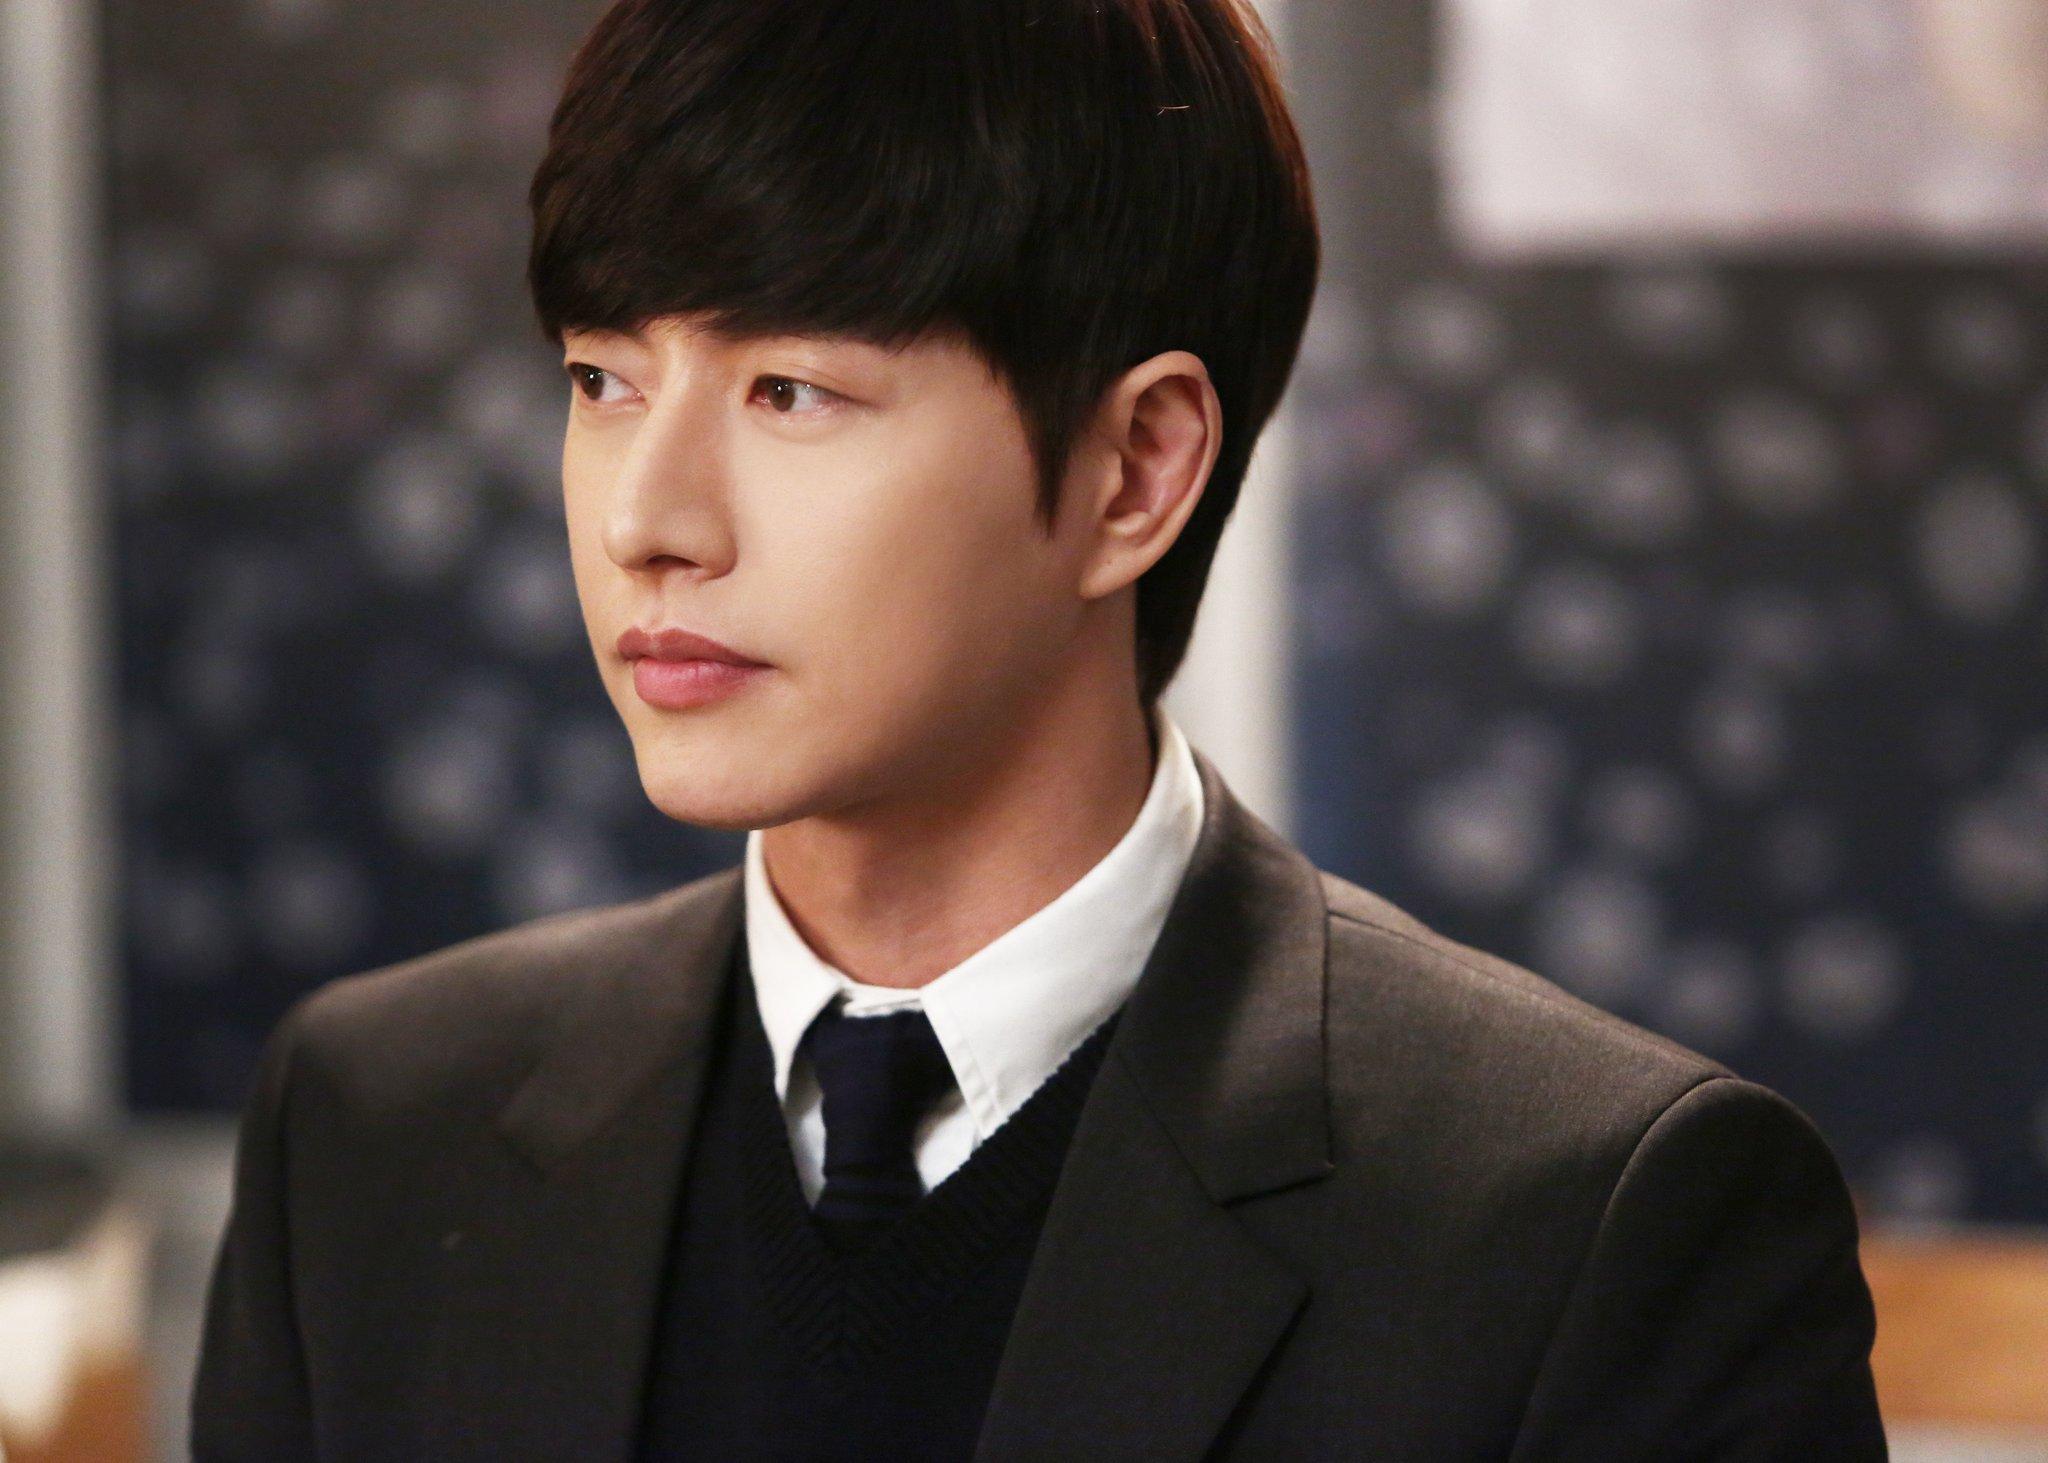 5 พระเอกซีรีส์เกาหลี ฉลาด ยูจอง